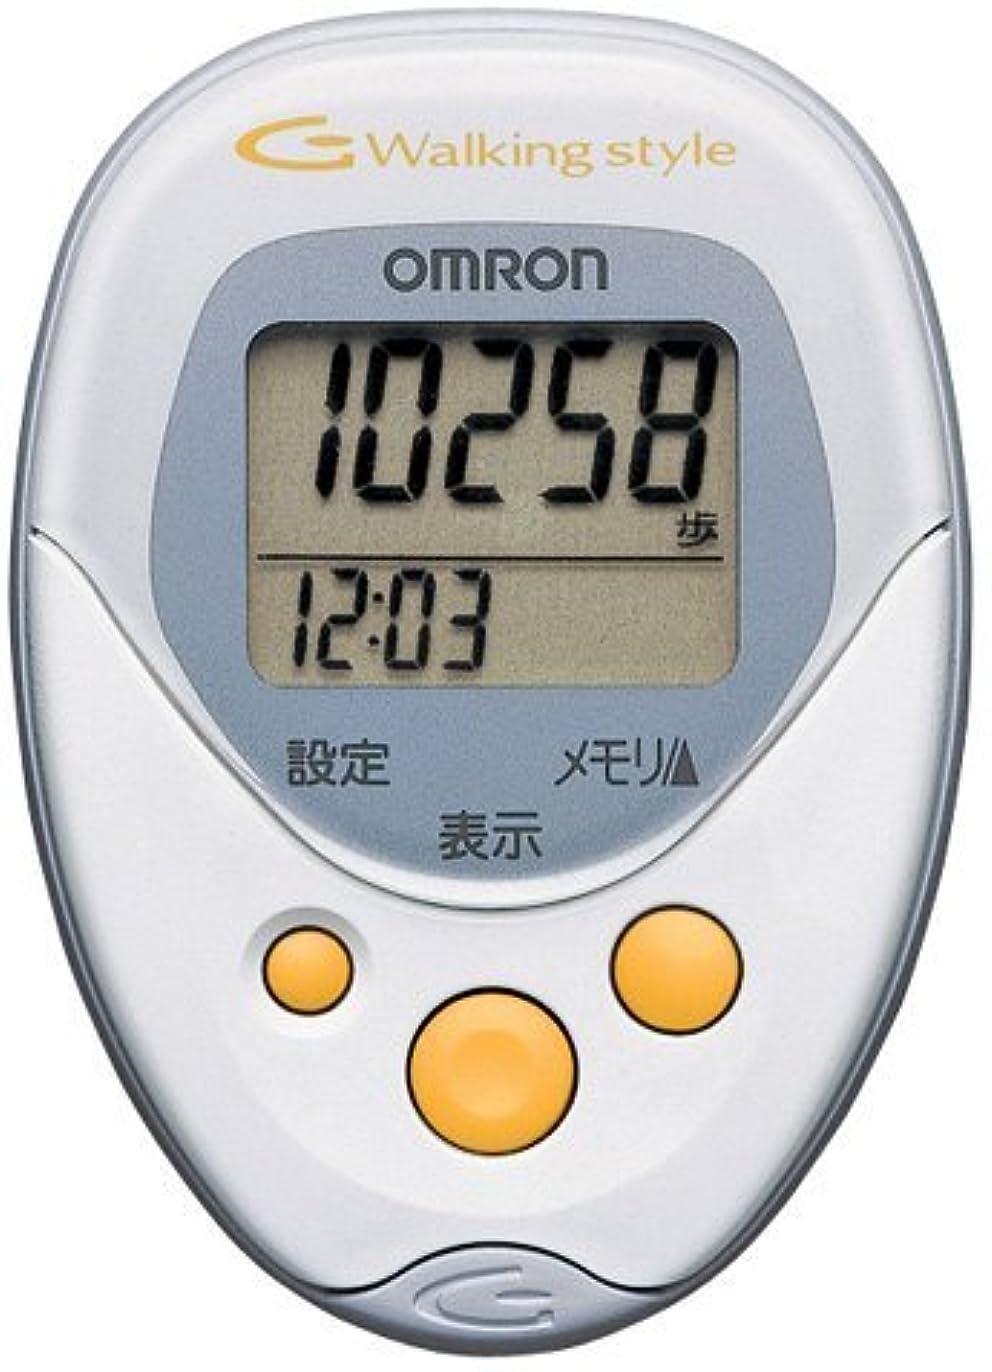 ホバート気性受け取るオムロン(OMRON) ヘルスカウンタ Walking style HJ-113 ホワイト